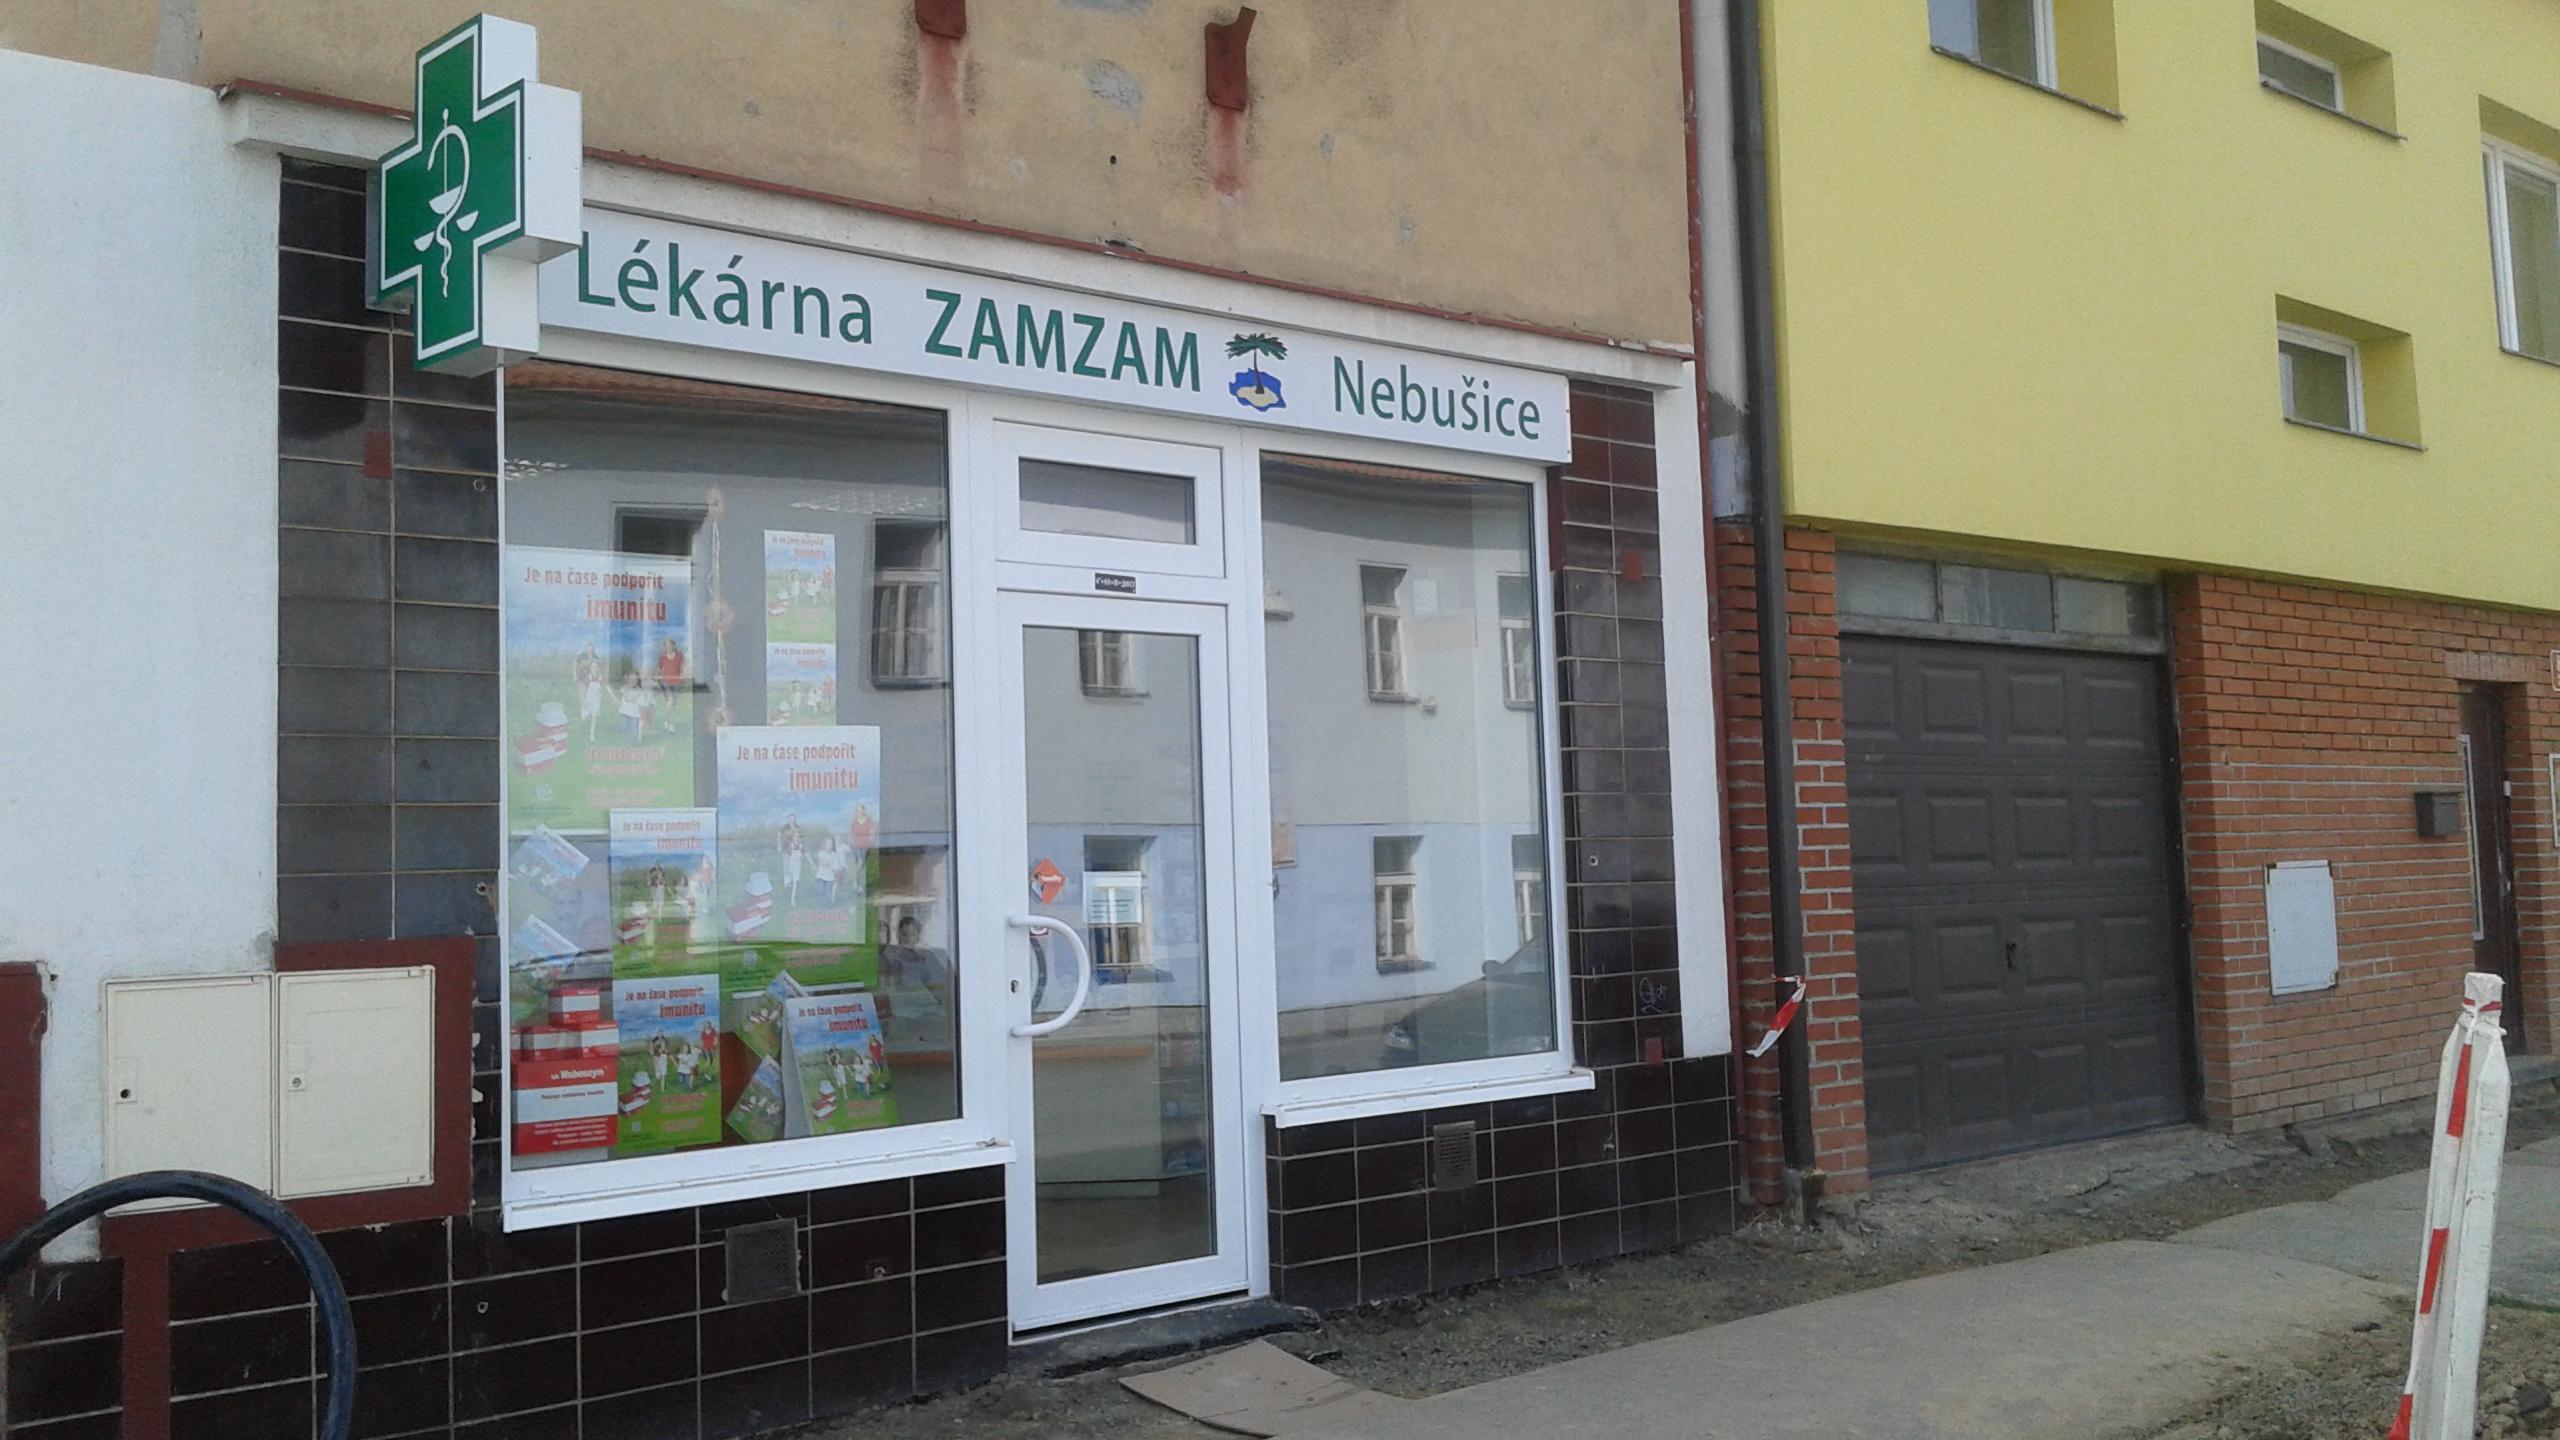 Lékárna ZAMZAM s.r.o. - Nebušice